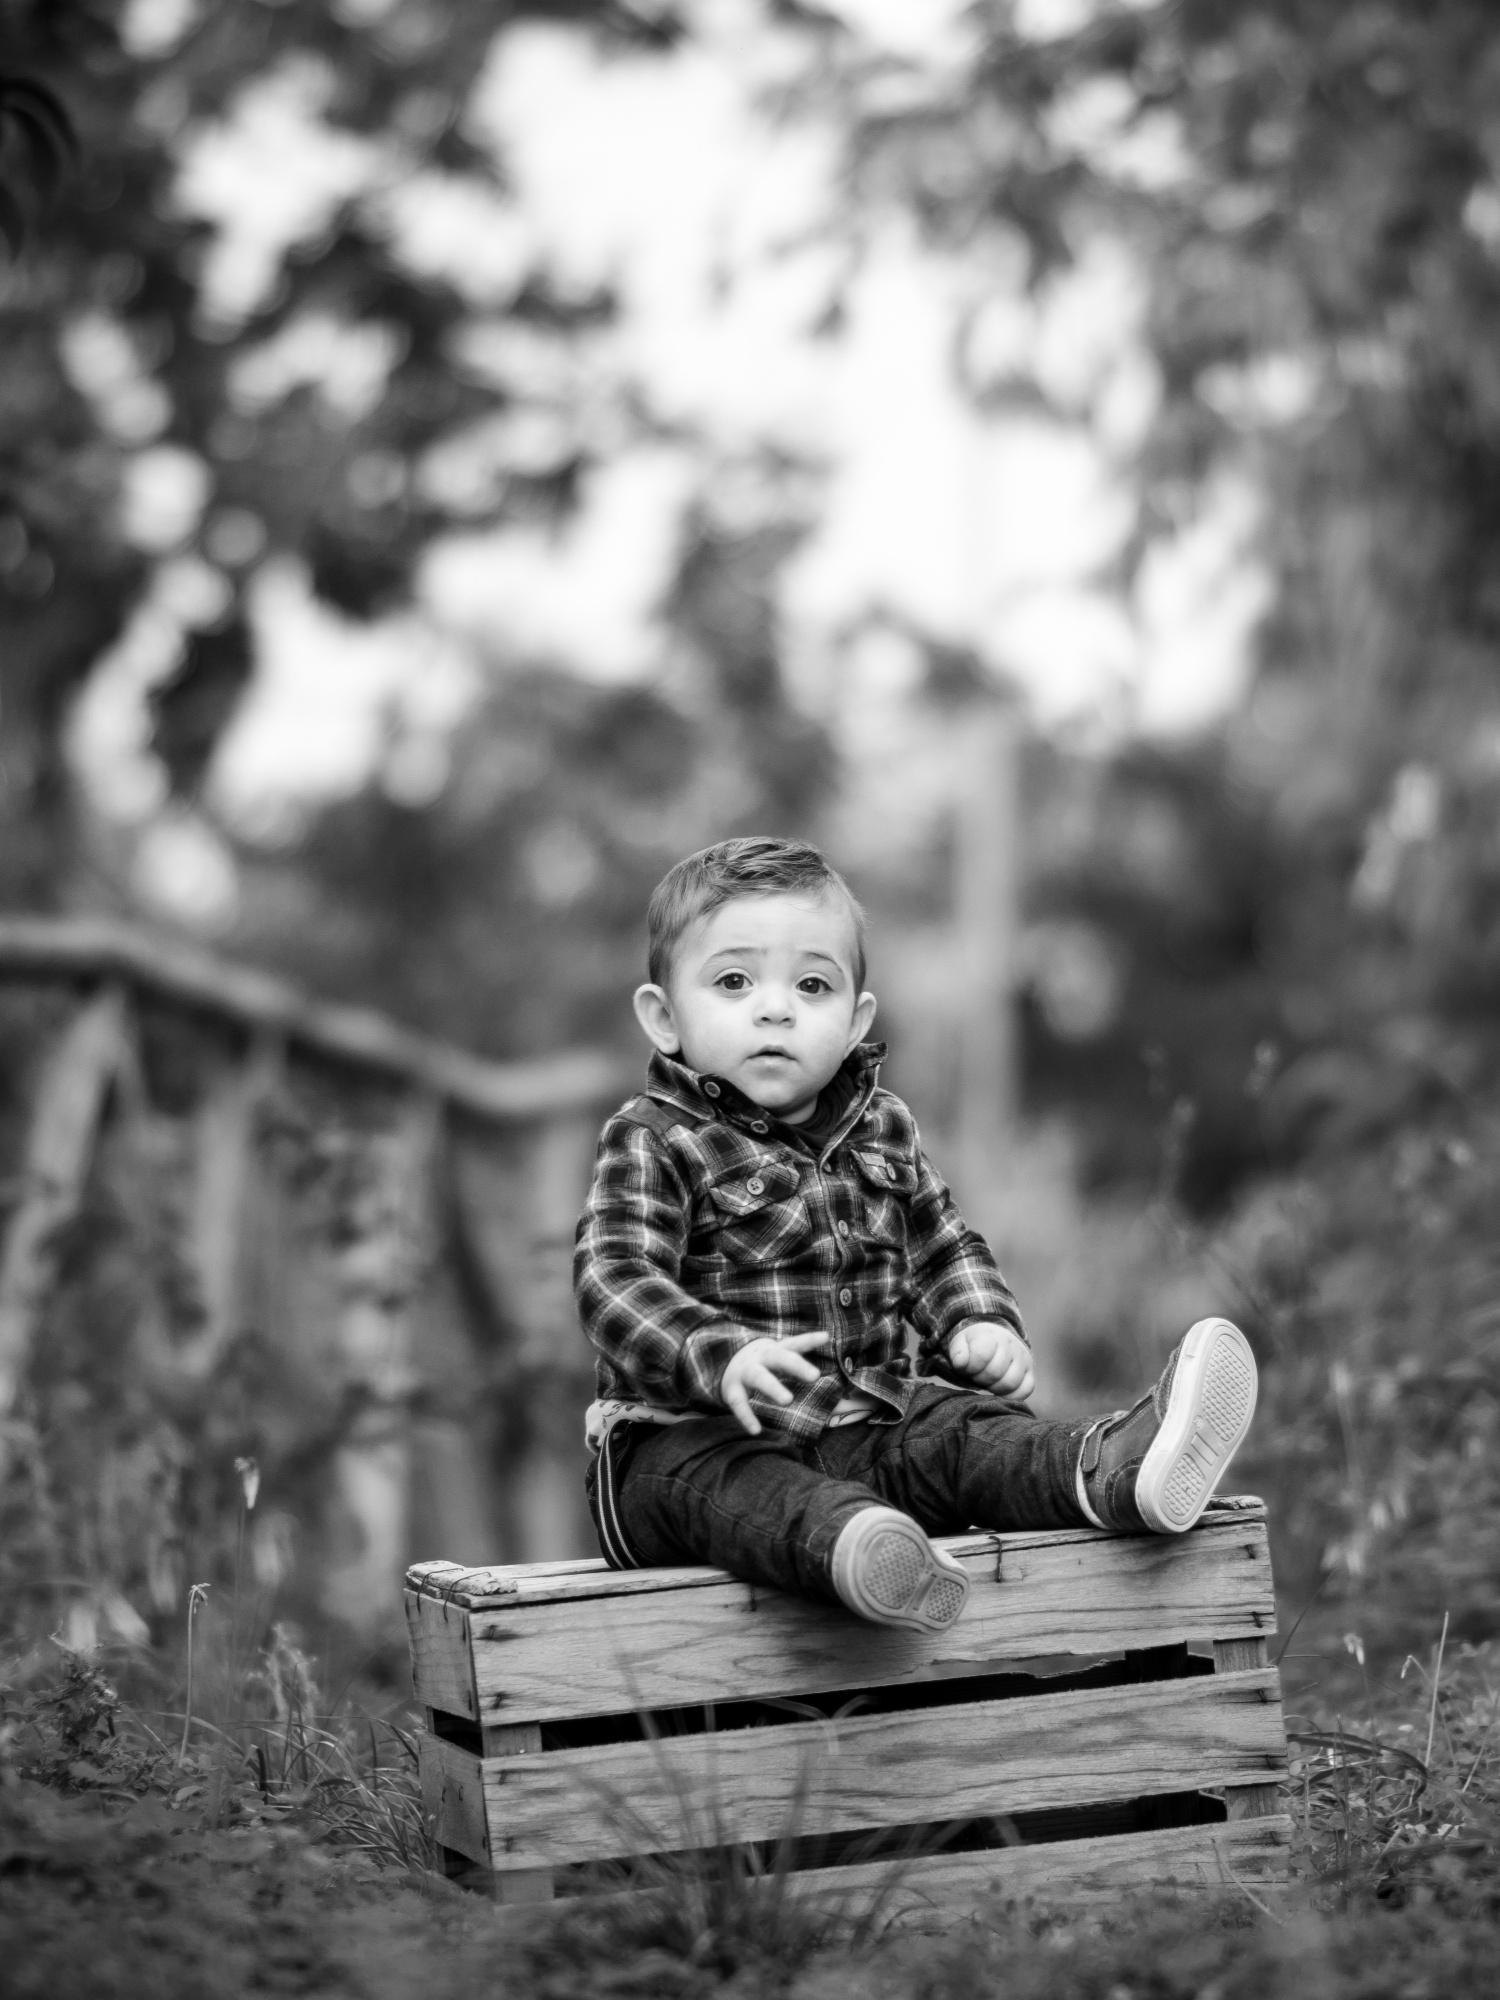 A little boy ...